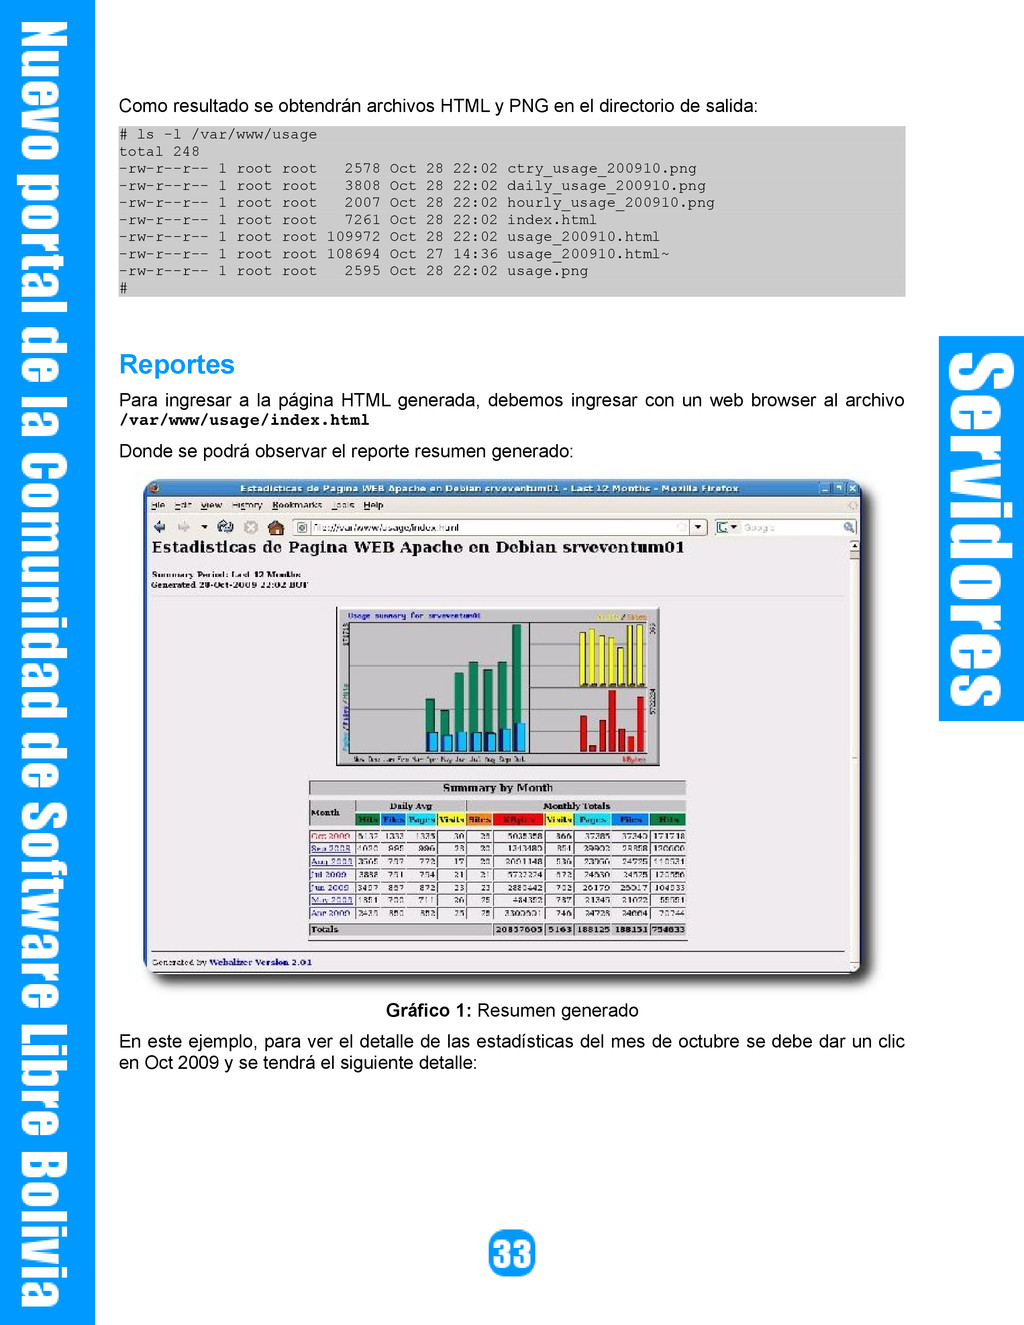 Como resultado se obtendrán archivos HTML y PNG...